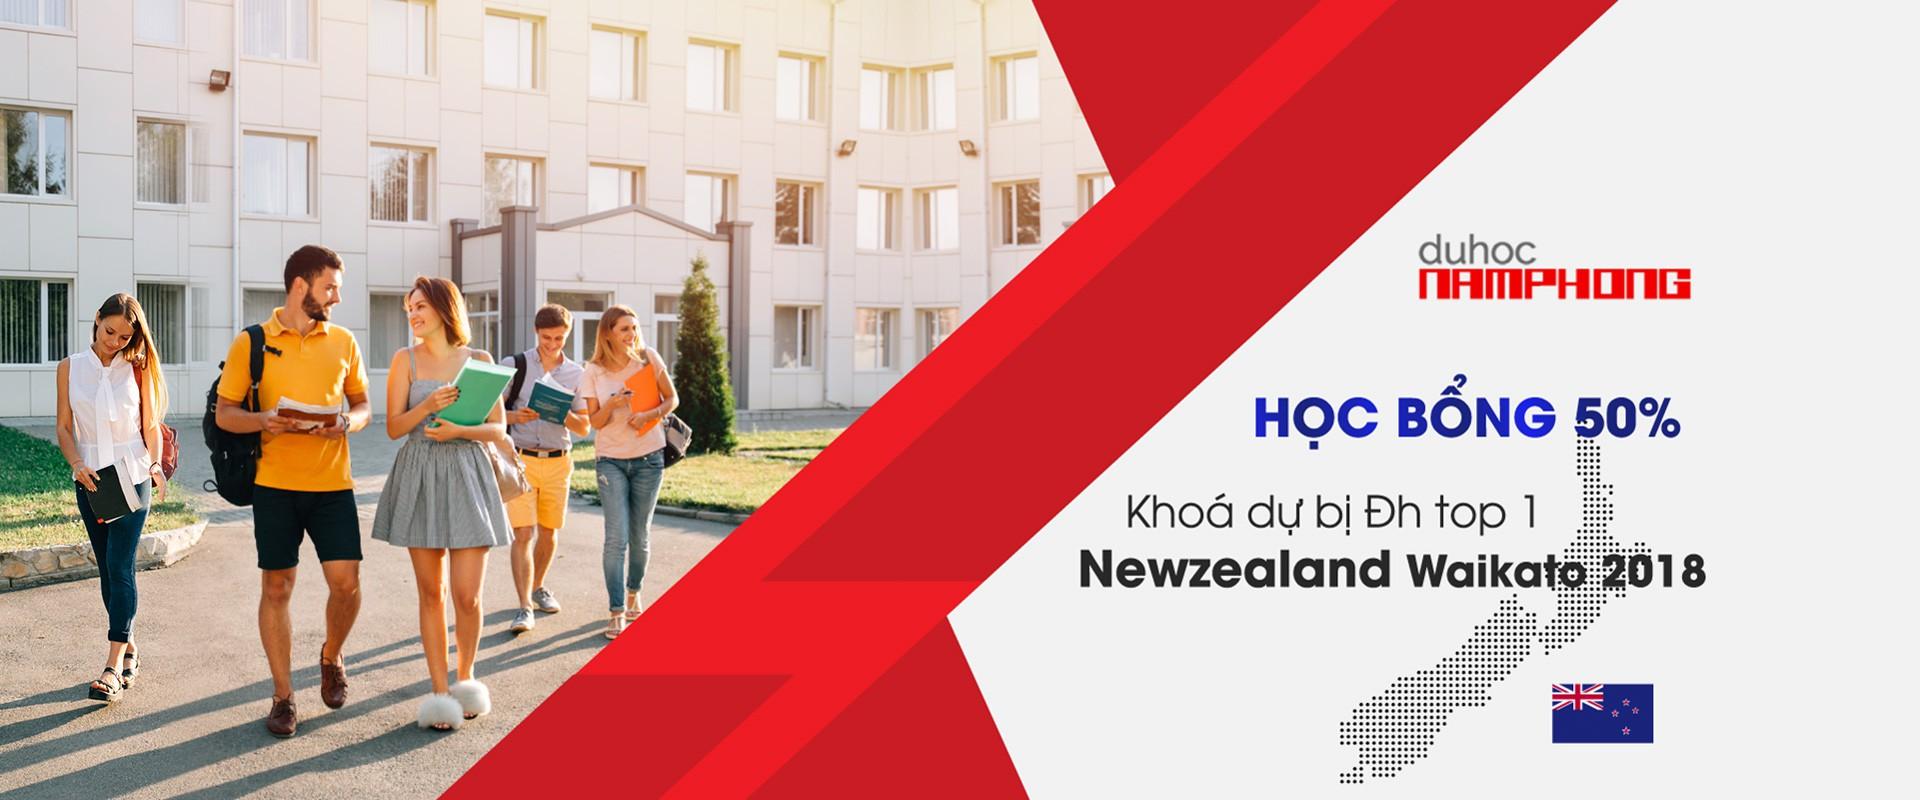 Học bổng Đại học Waikato University